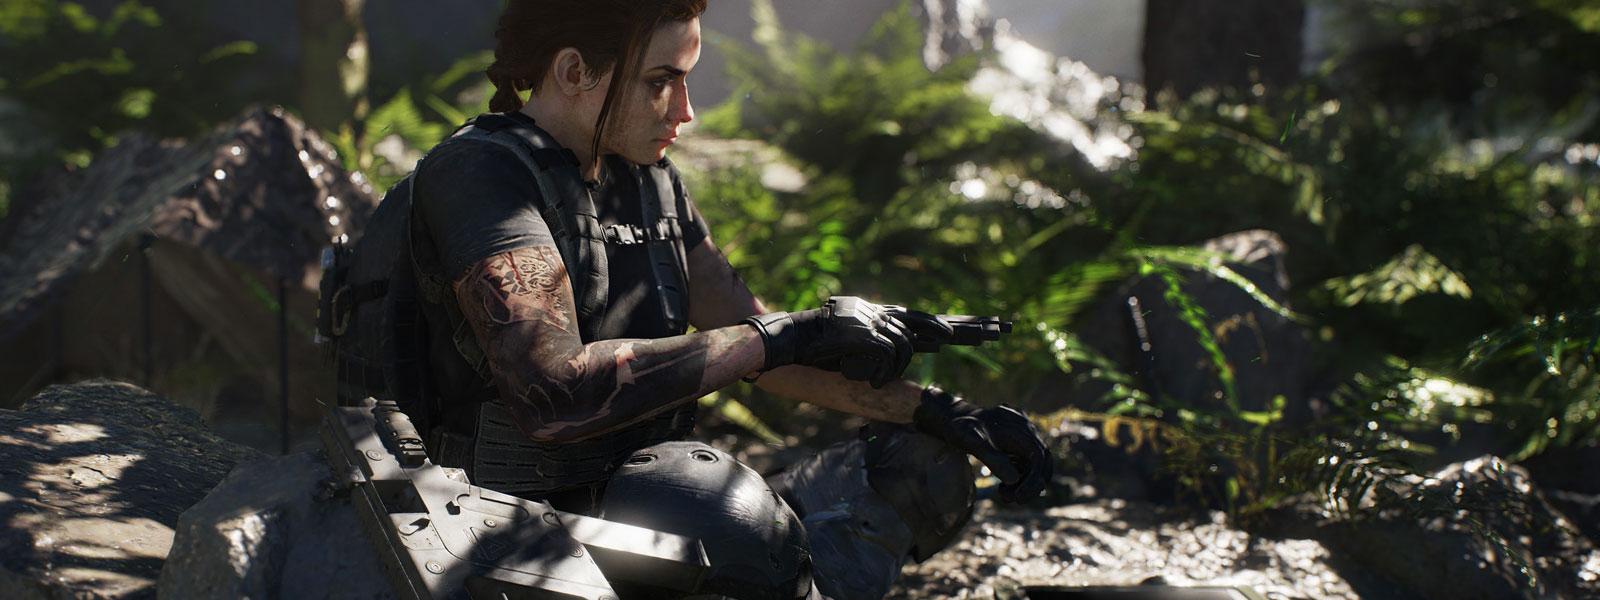 Żeńska postać z pistoletem w ręce, w dżungli